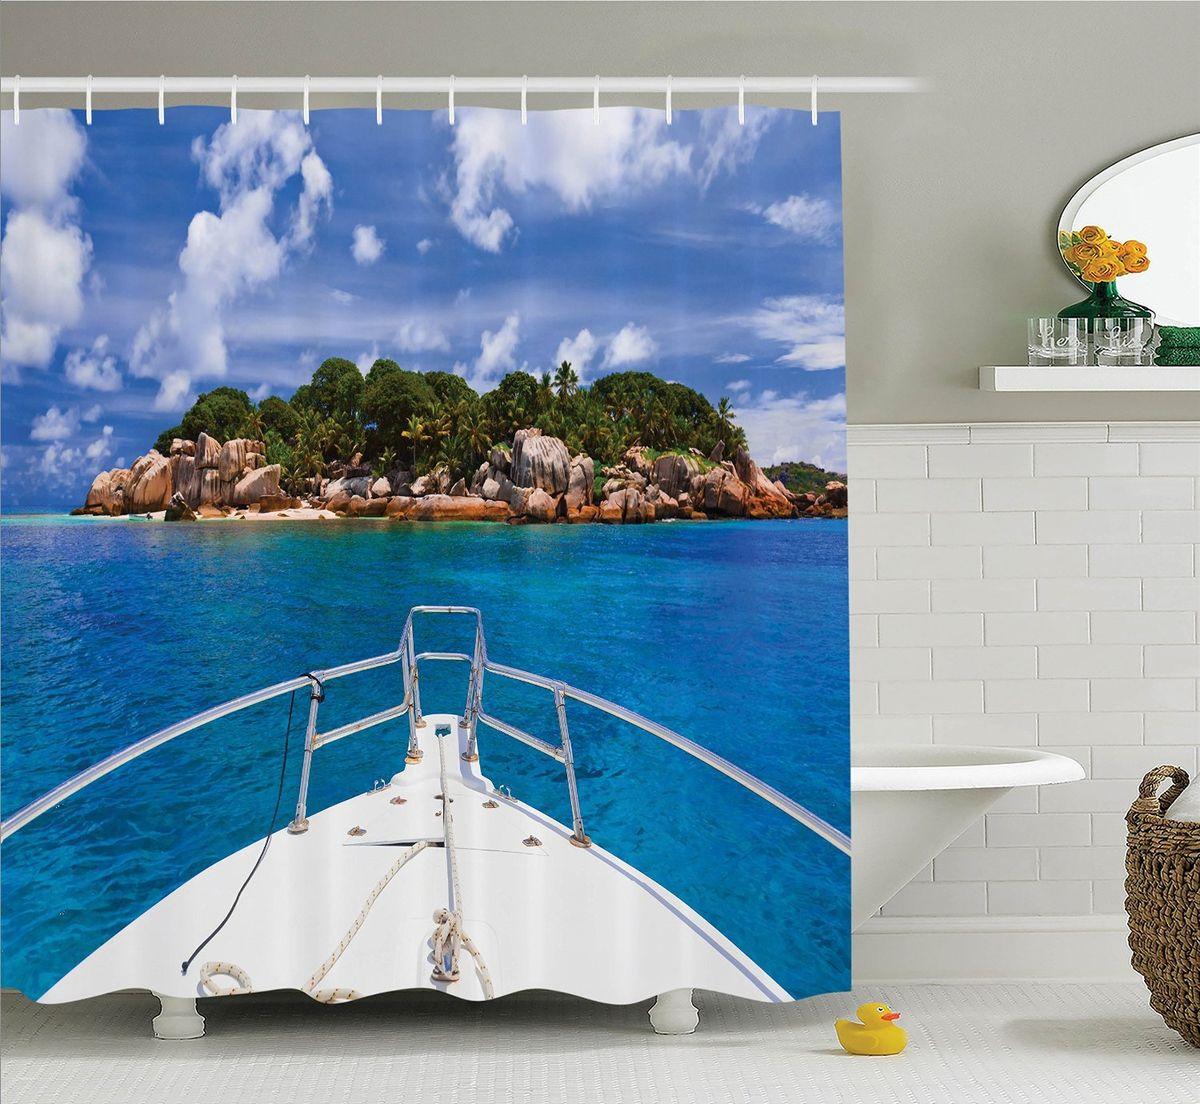 Штора для ванной комнаты Magic Lady На палубе, 180 х 200 см531-105Штора Magic Lady На палубе, изготовленная из высококачественного сатена (полиэстер 100%), отлично дополнит любой интерьер ванной комнаты. При изготовлении используются специальные гипоаллергенные чернила для прямой печати по ткани, безопасные для человека.В комплекте: 1 штора, 12 крючков. Обращаем ваше внимание, фактический цвет изделия может незначительно отличаться от представленного на фото.